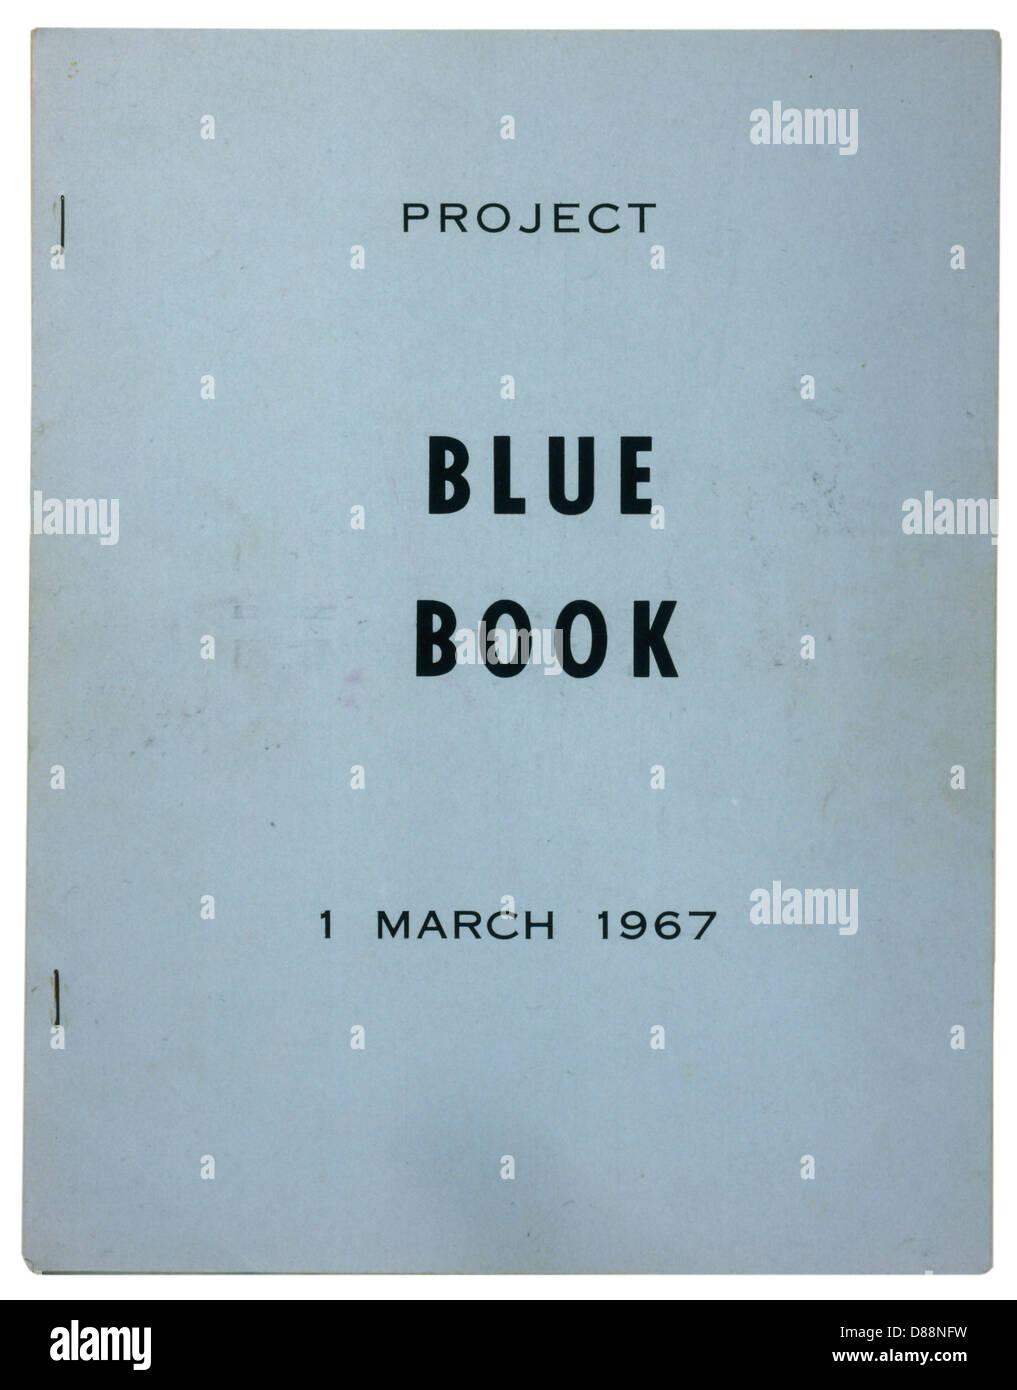 El Libro Azul descrito Imagen De Stock